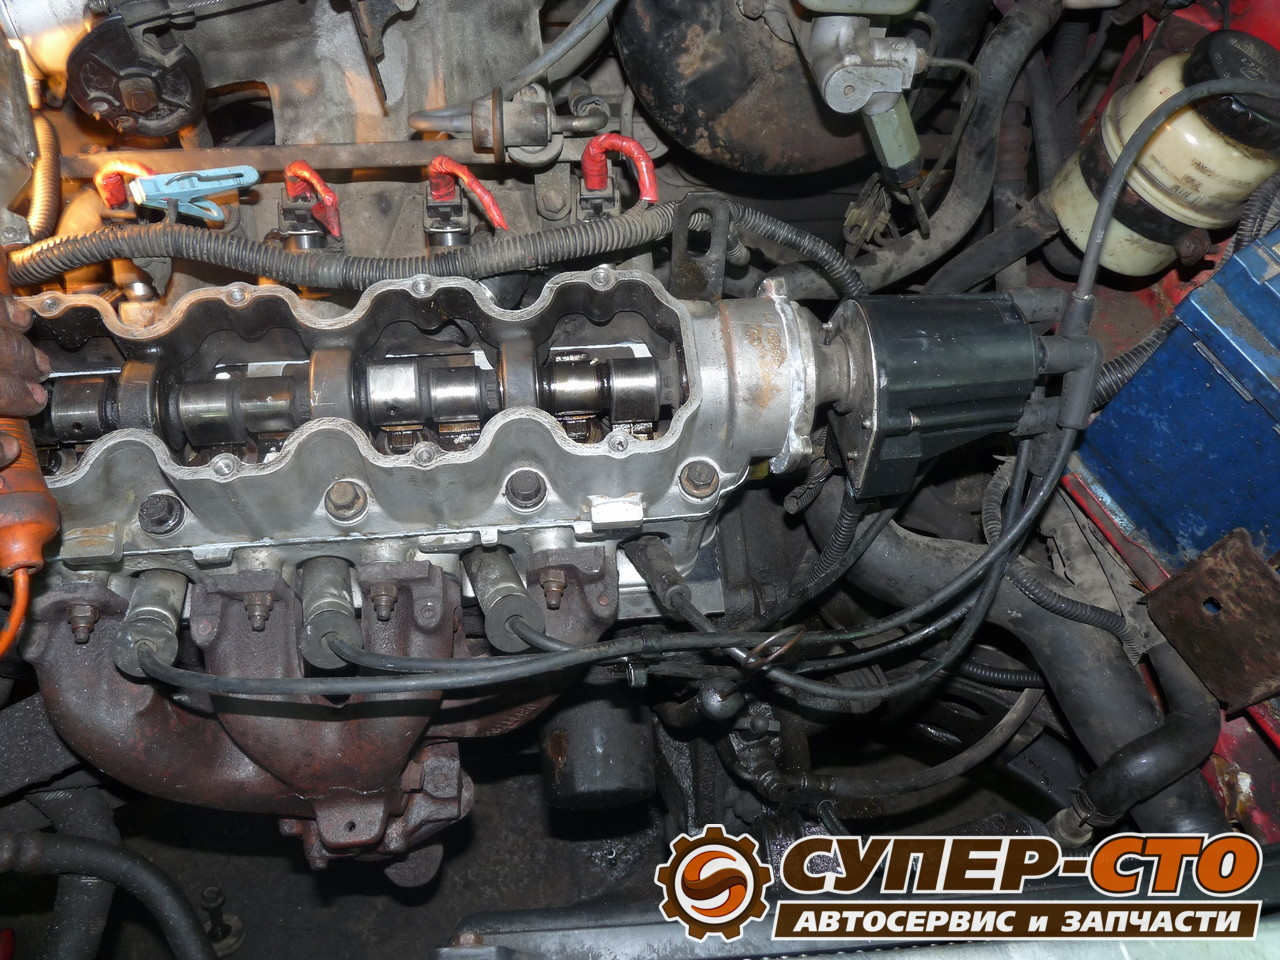 Капремонт двигателя дэу нексия своими руками 63